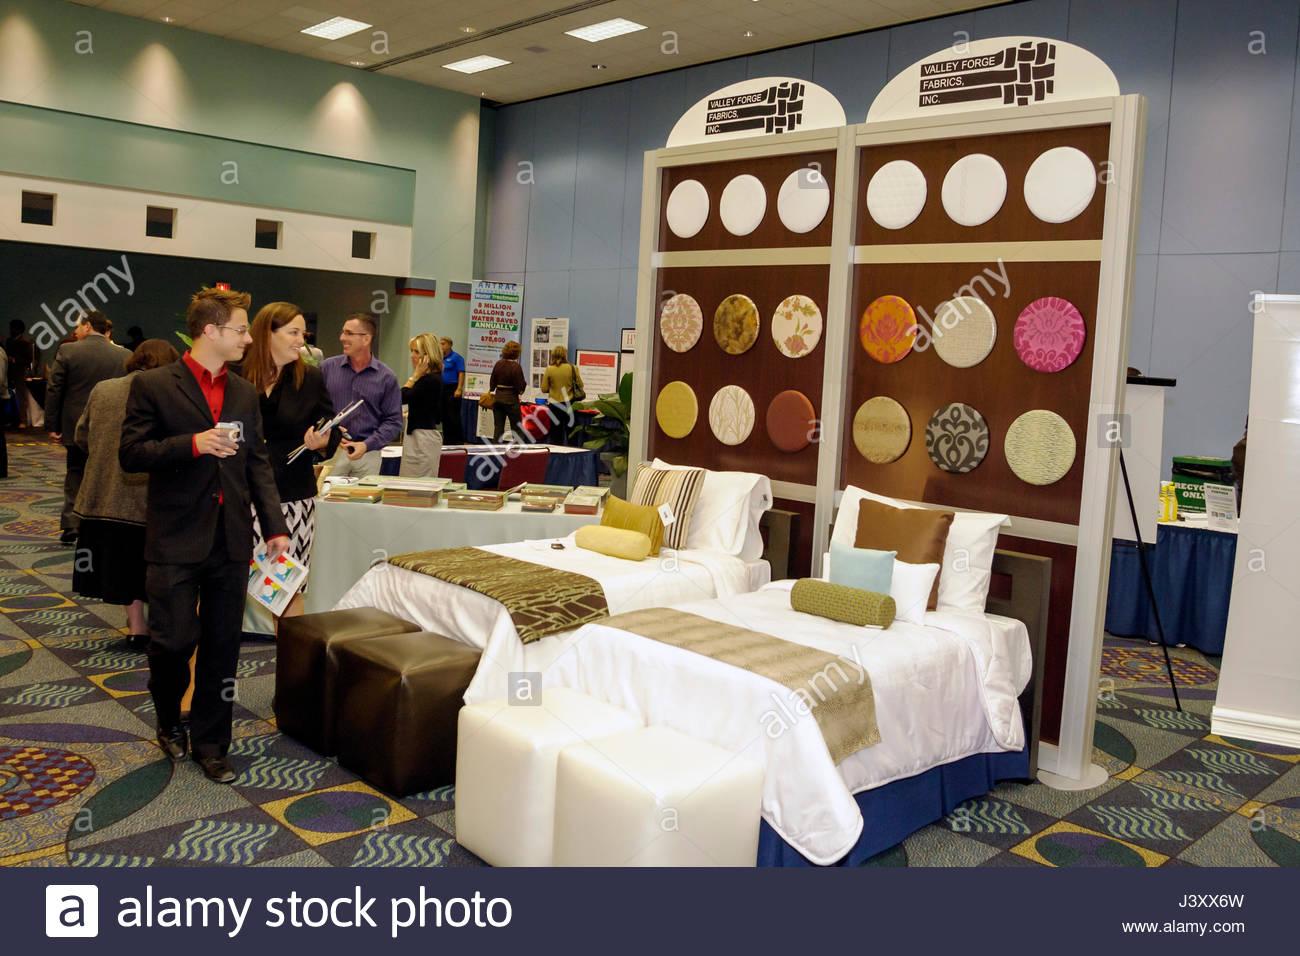 Miami Beach Florida Convention Center Centre Green Lodging Workshop Vendor Trade Show Hotel Hospitality